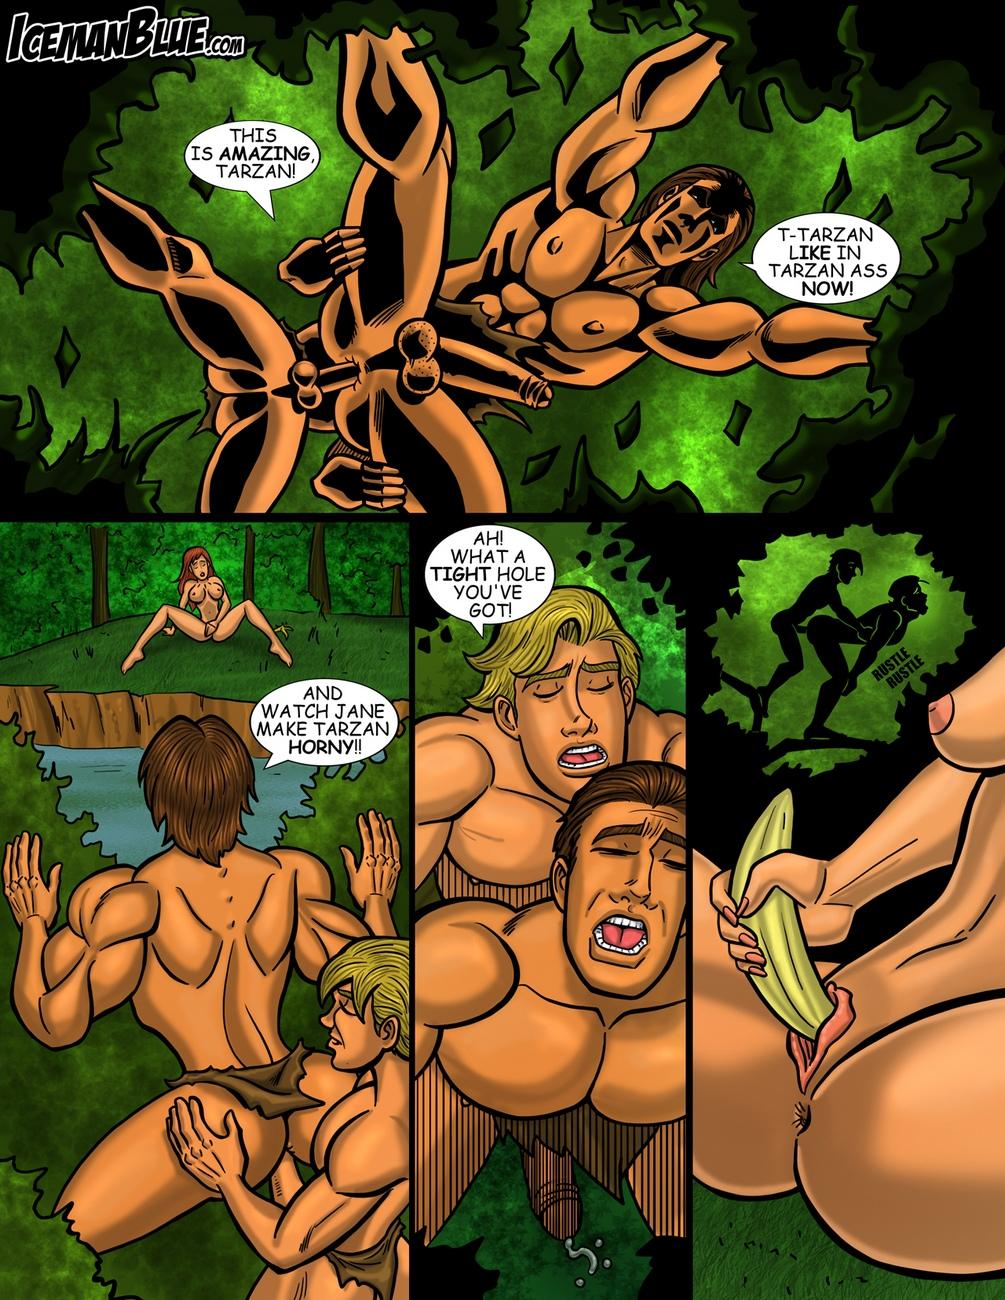 Tarzan 5 free sex comic